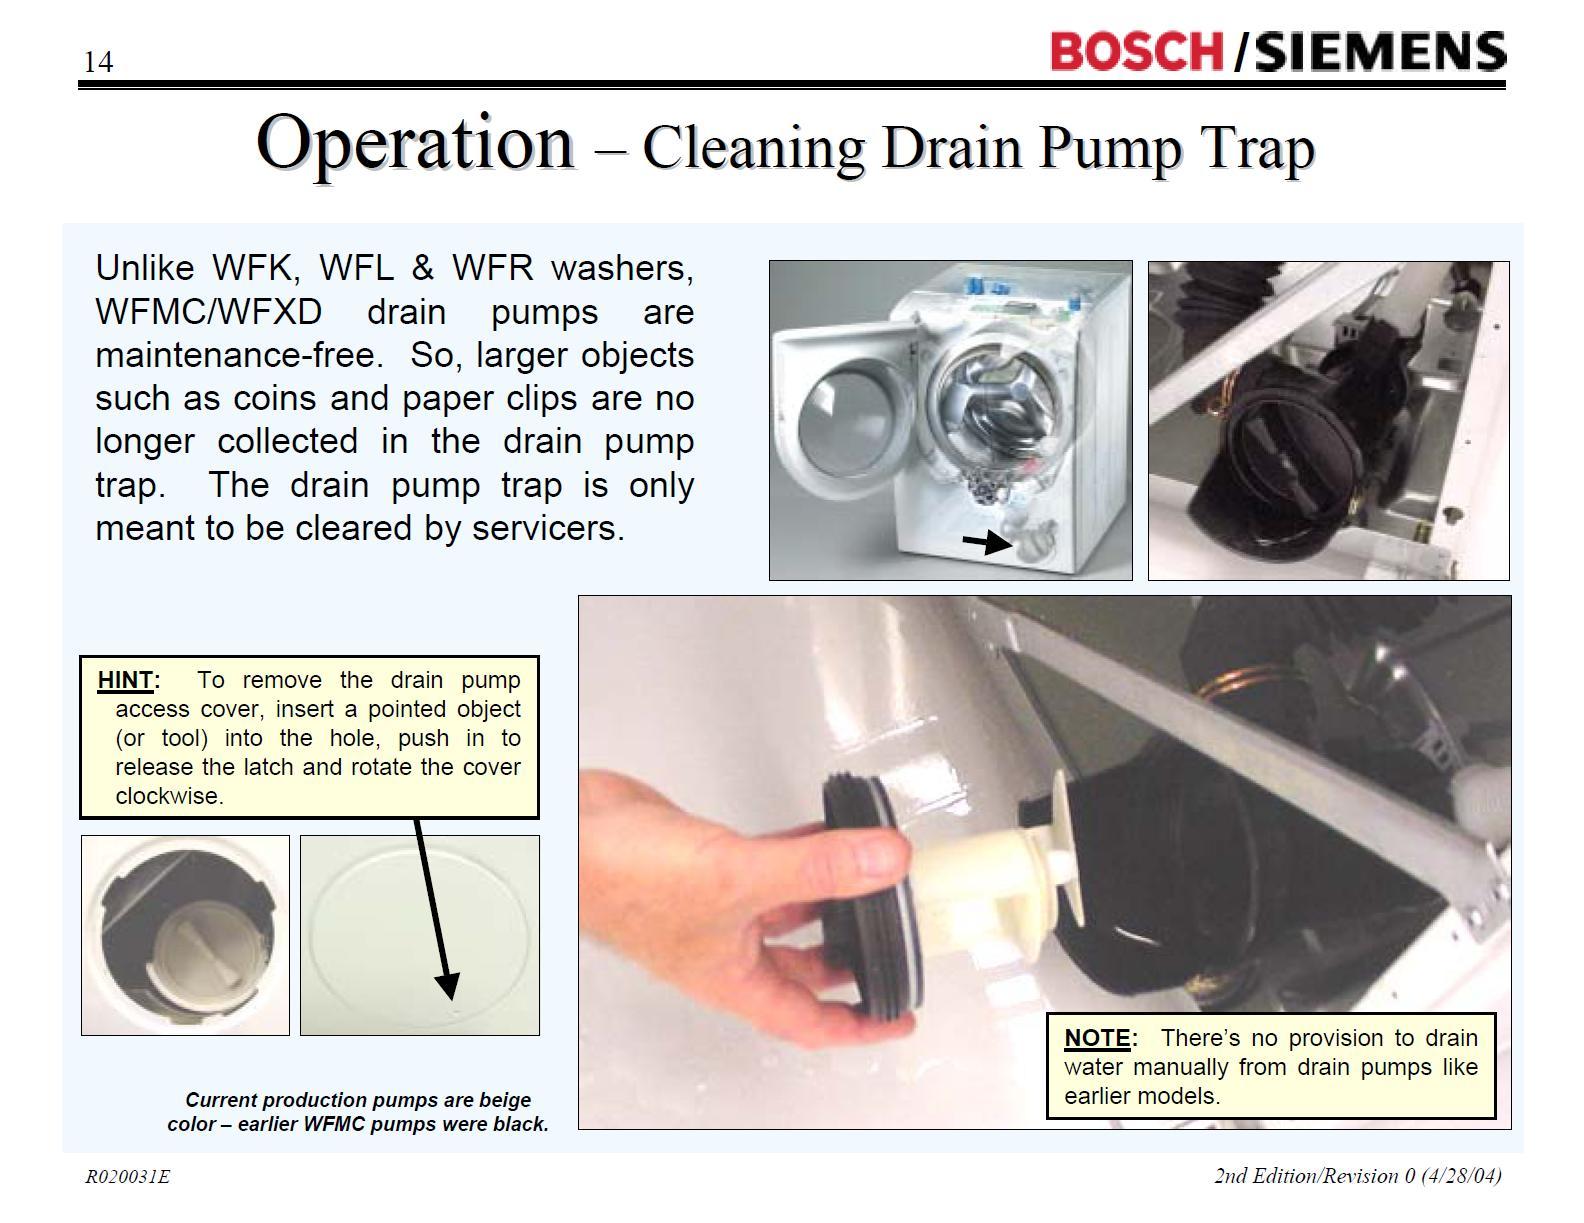 bosch model wfmc1001uc washer error codes rh justanswer com bosch nexxt 100 series washer parts bosch nexxt 100 series washer parts list